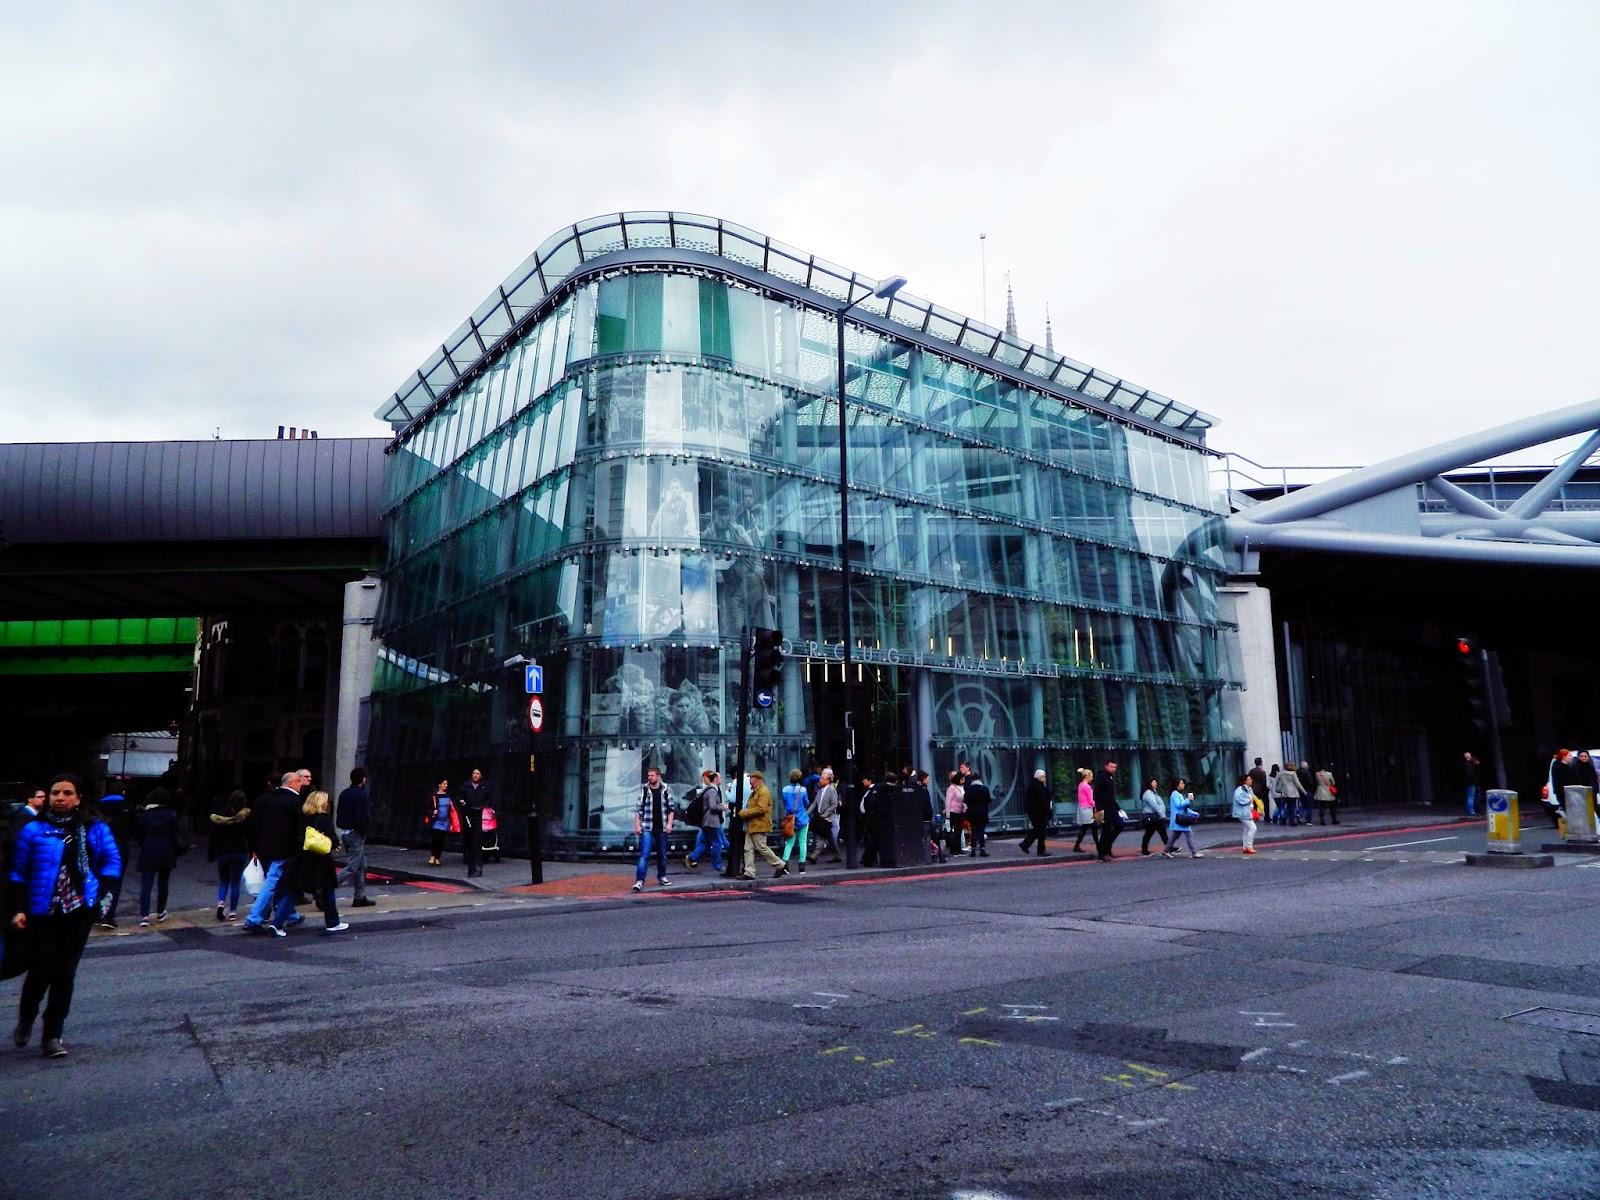 borough market glass outside architecture